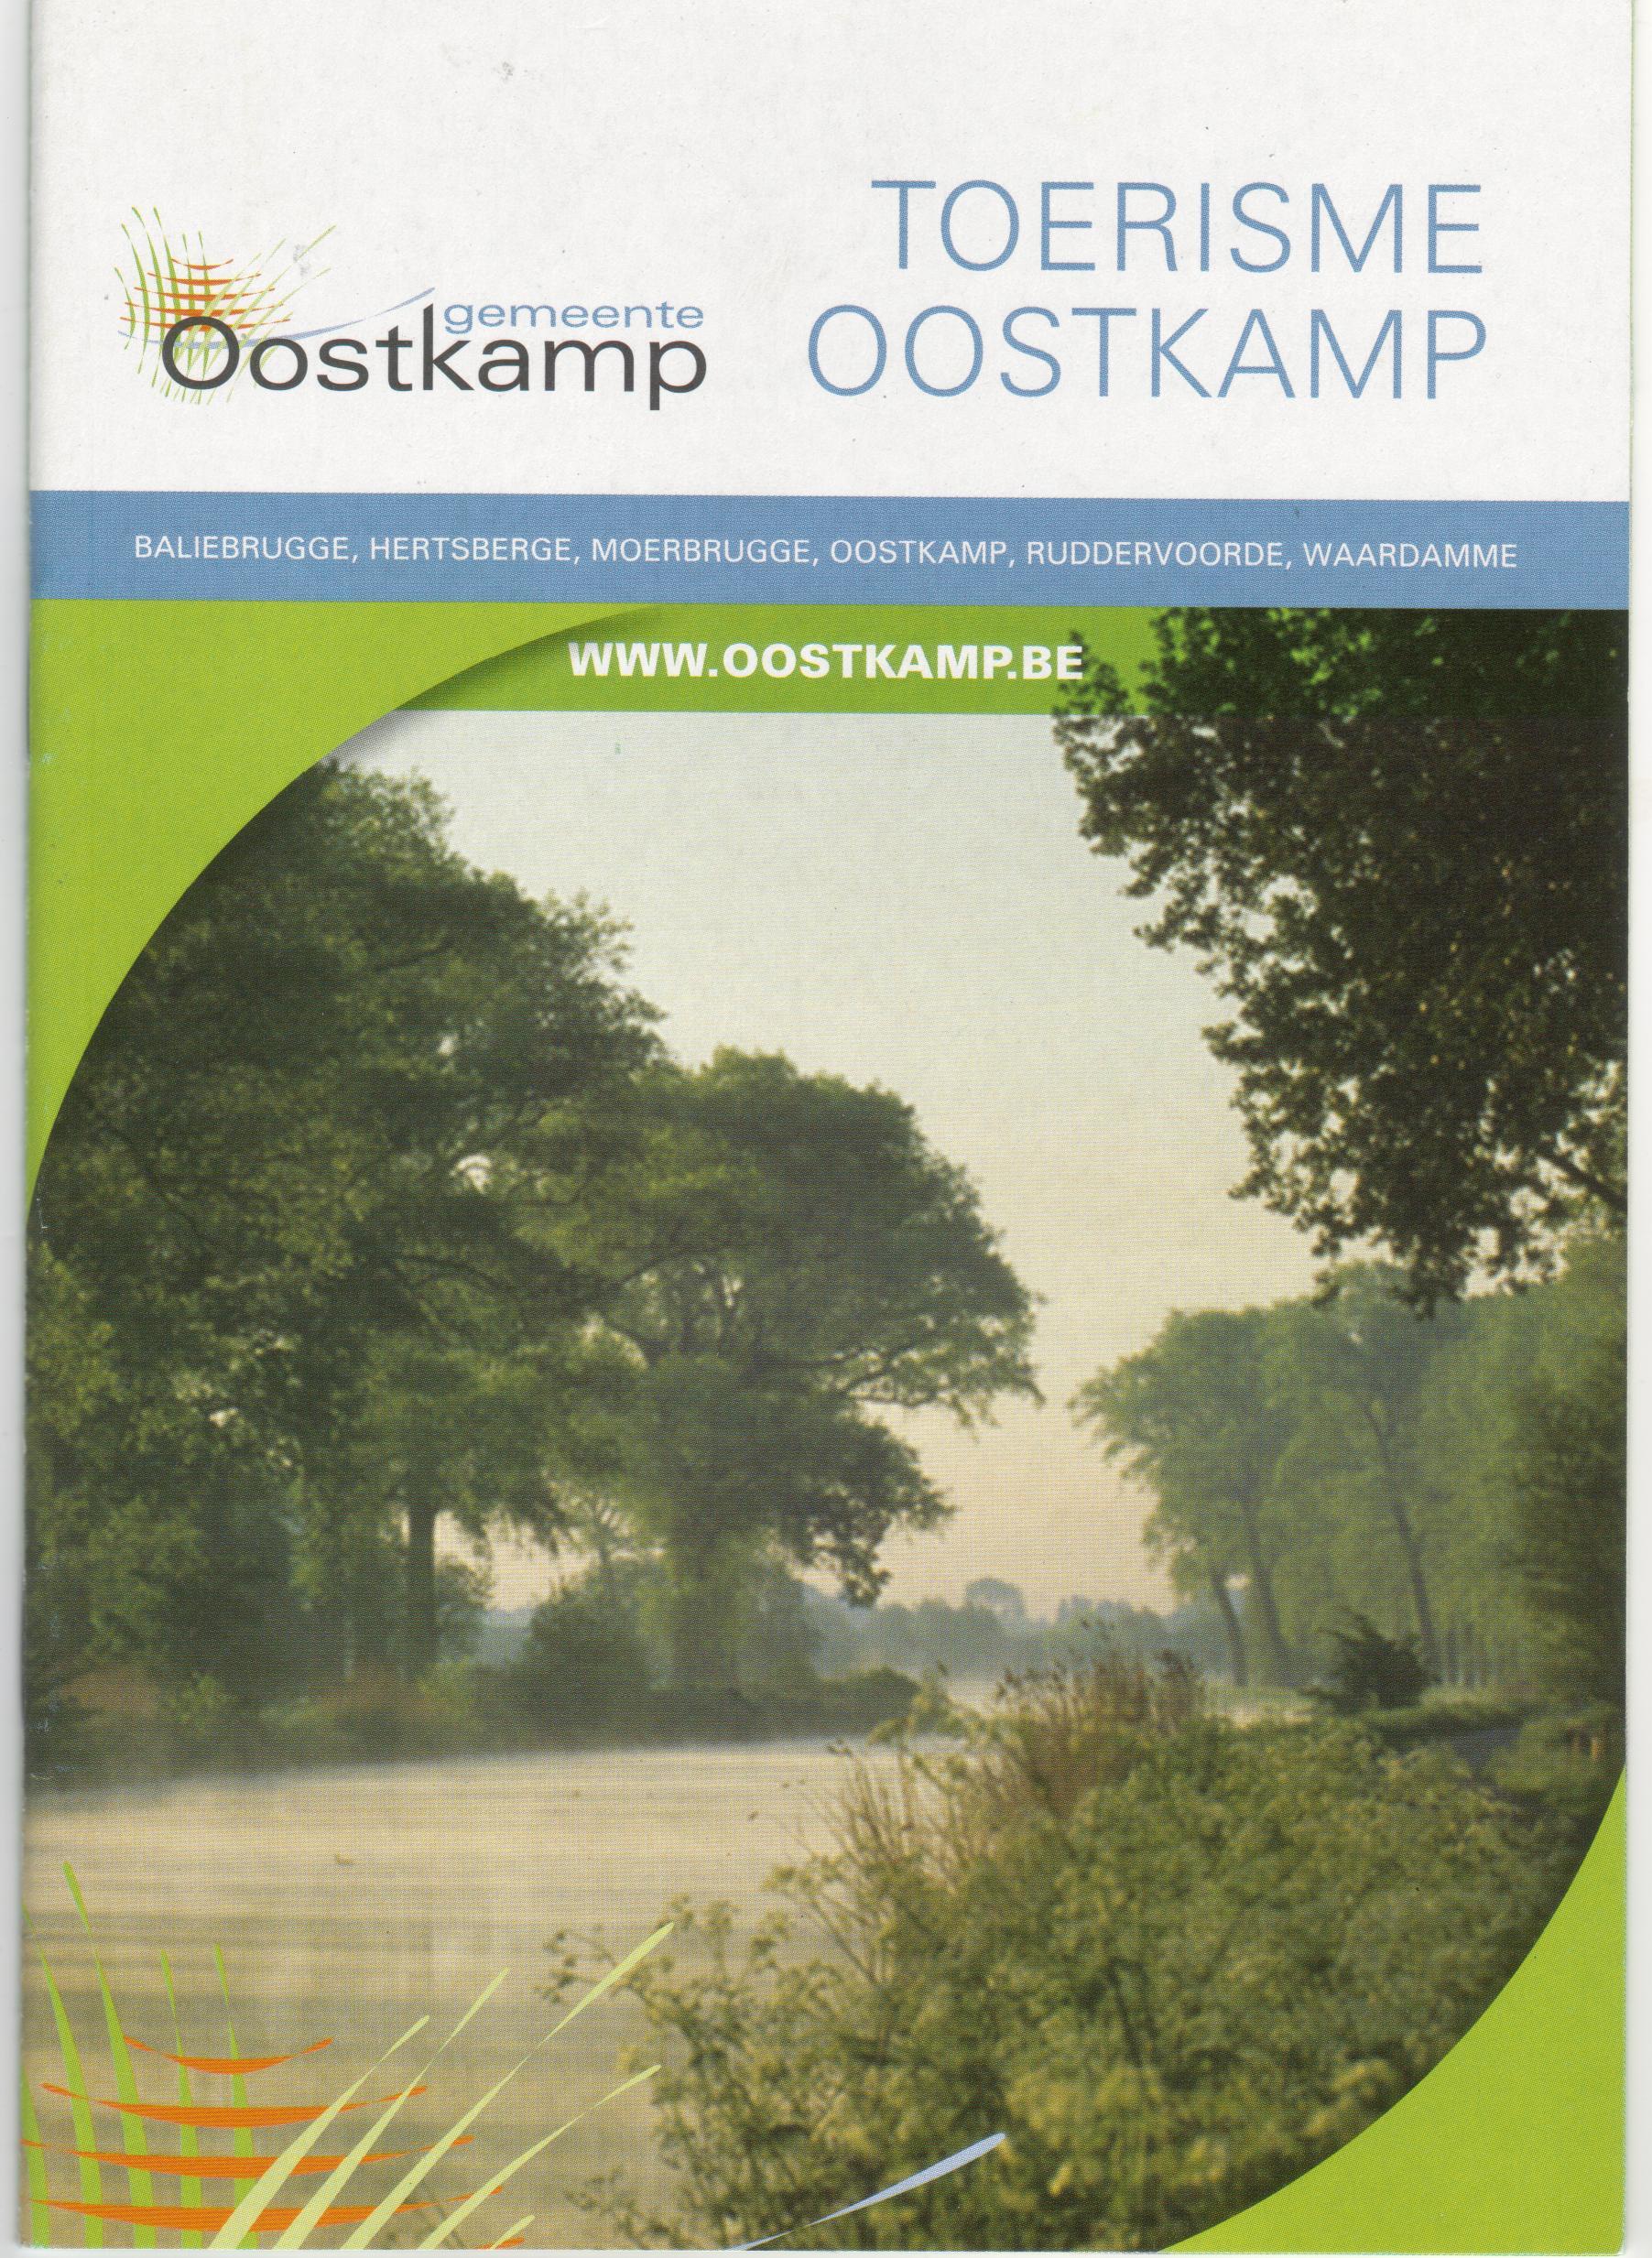 toeristische_brochure_Oostkamp_001